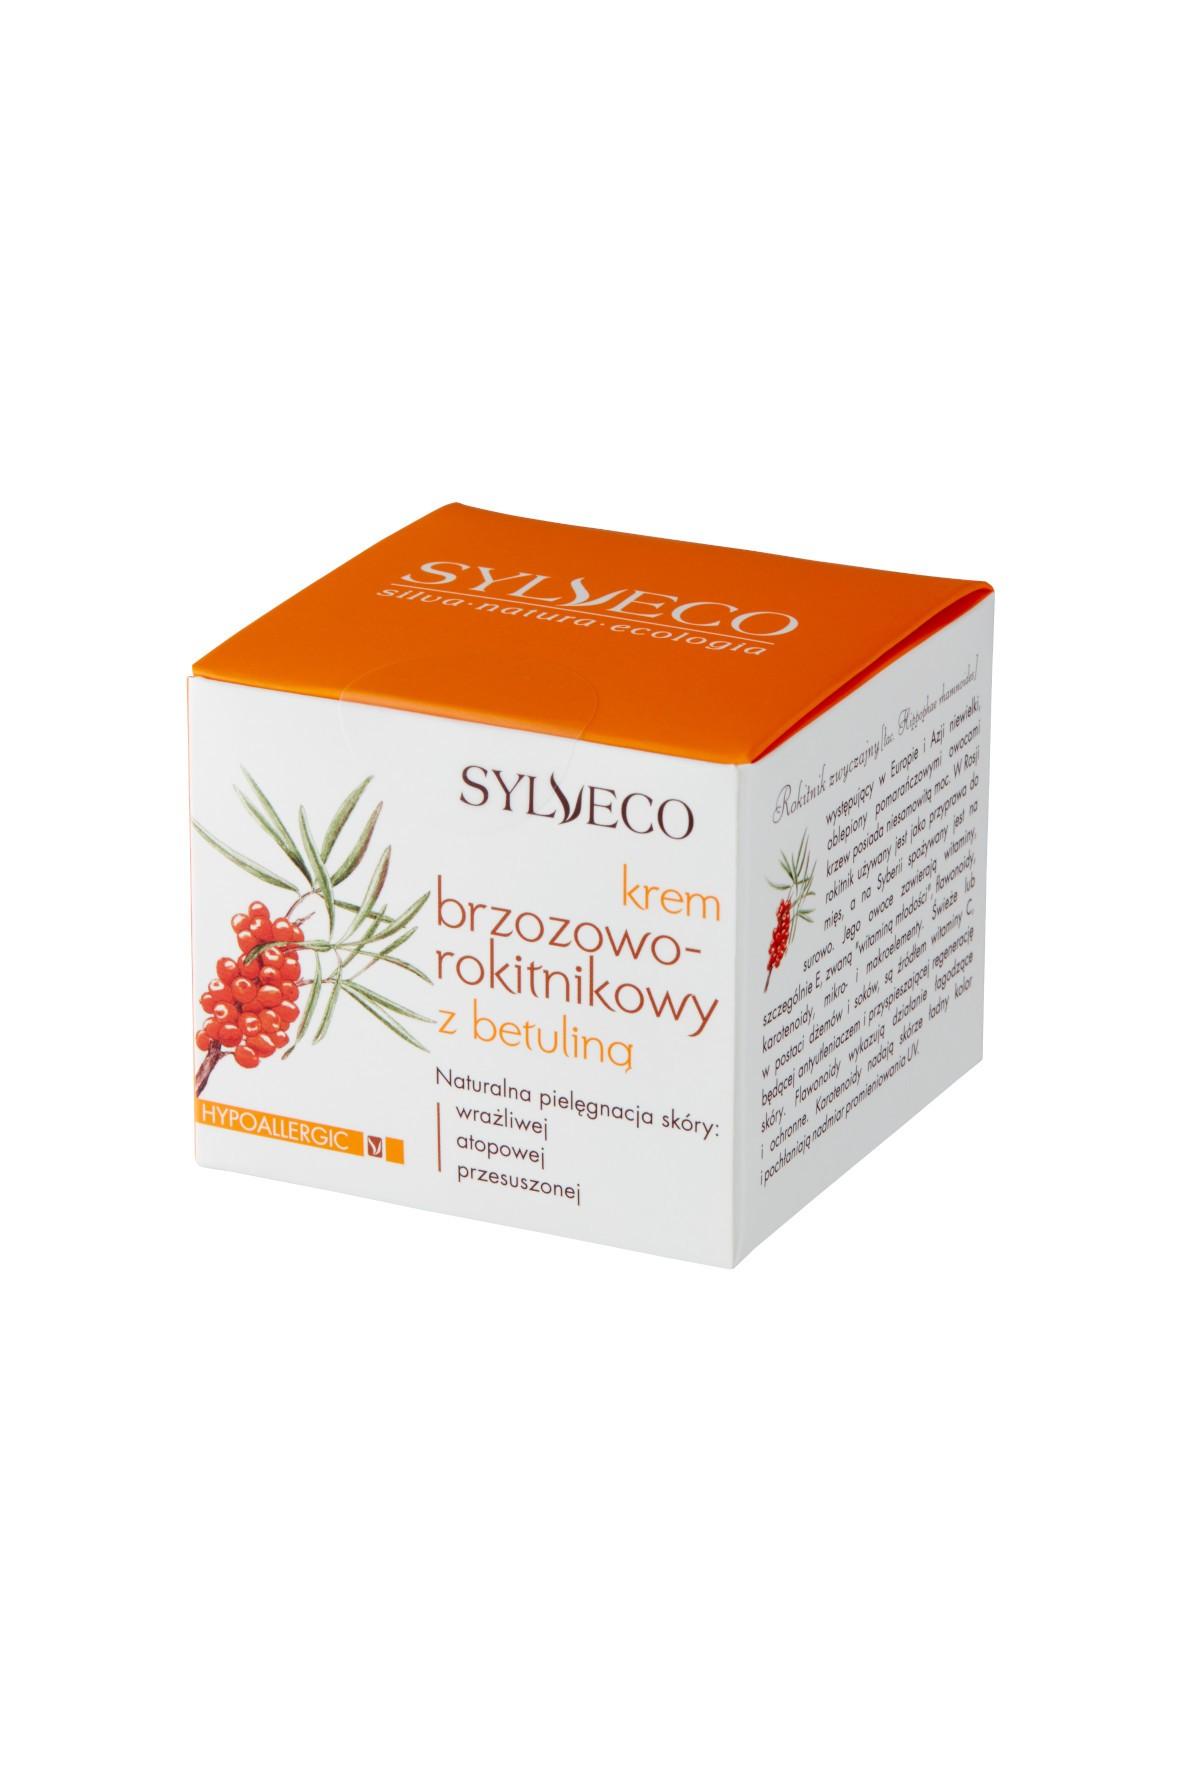 Sylveco Krem brzozowo-rokitnikowy z betuliną 50 ml